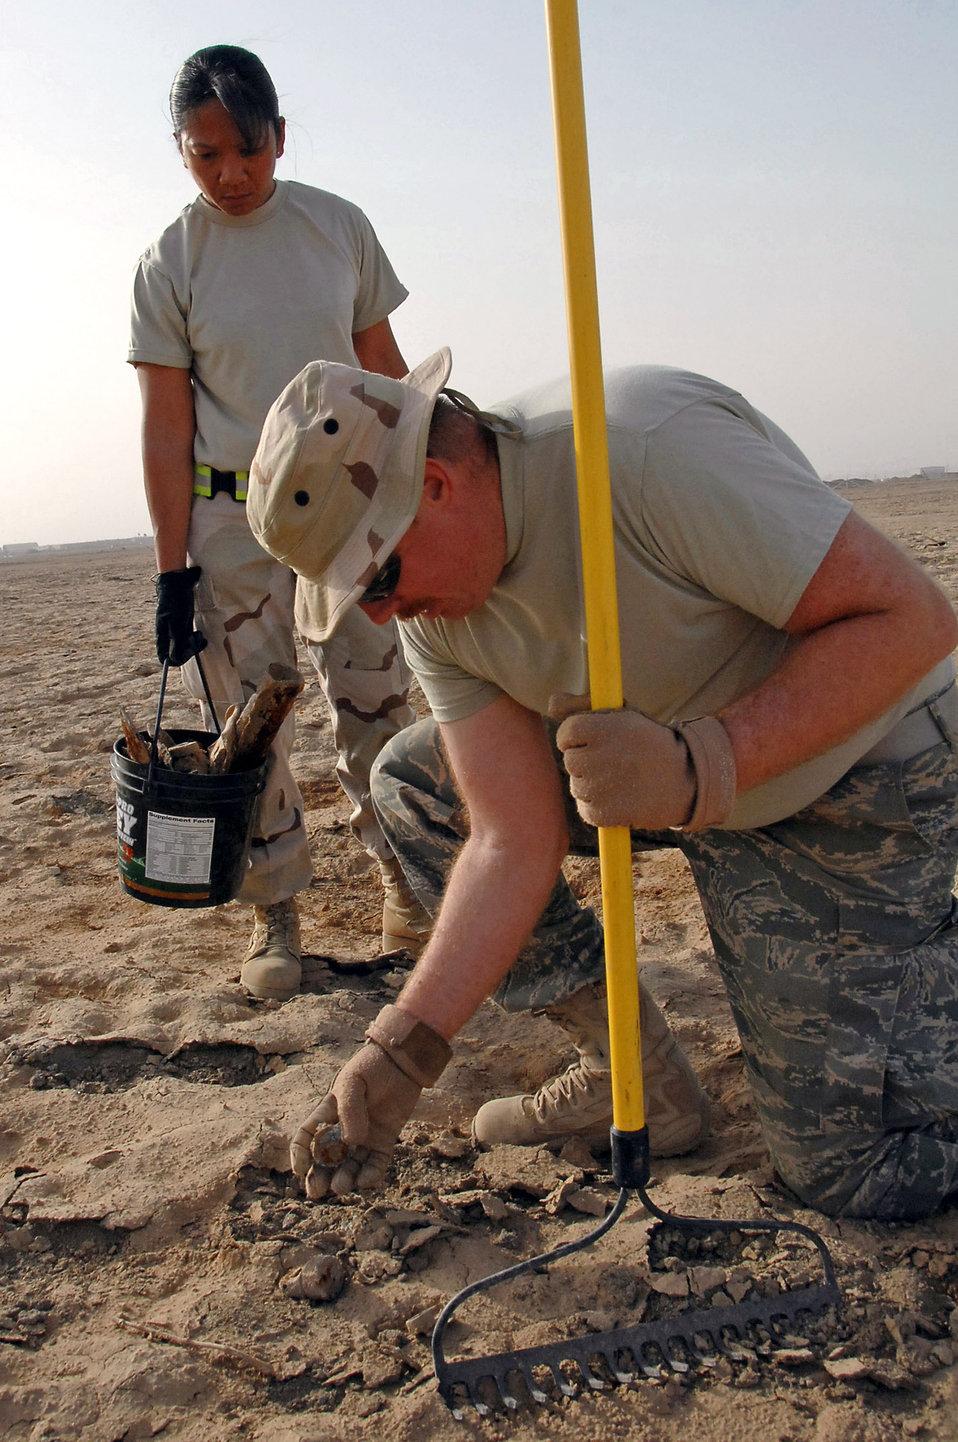 Picking up ordnance debris